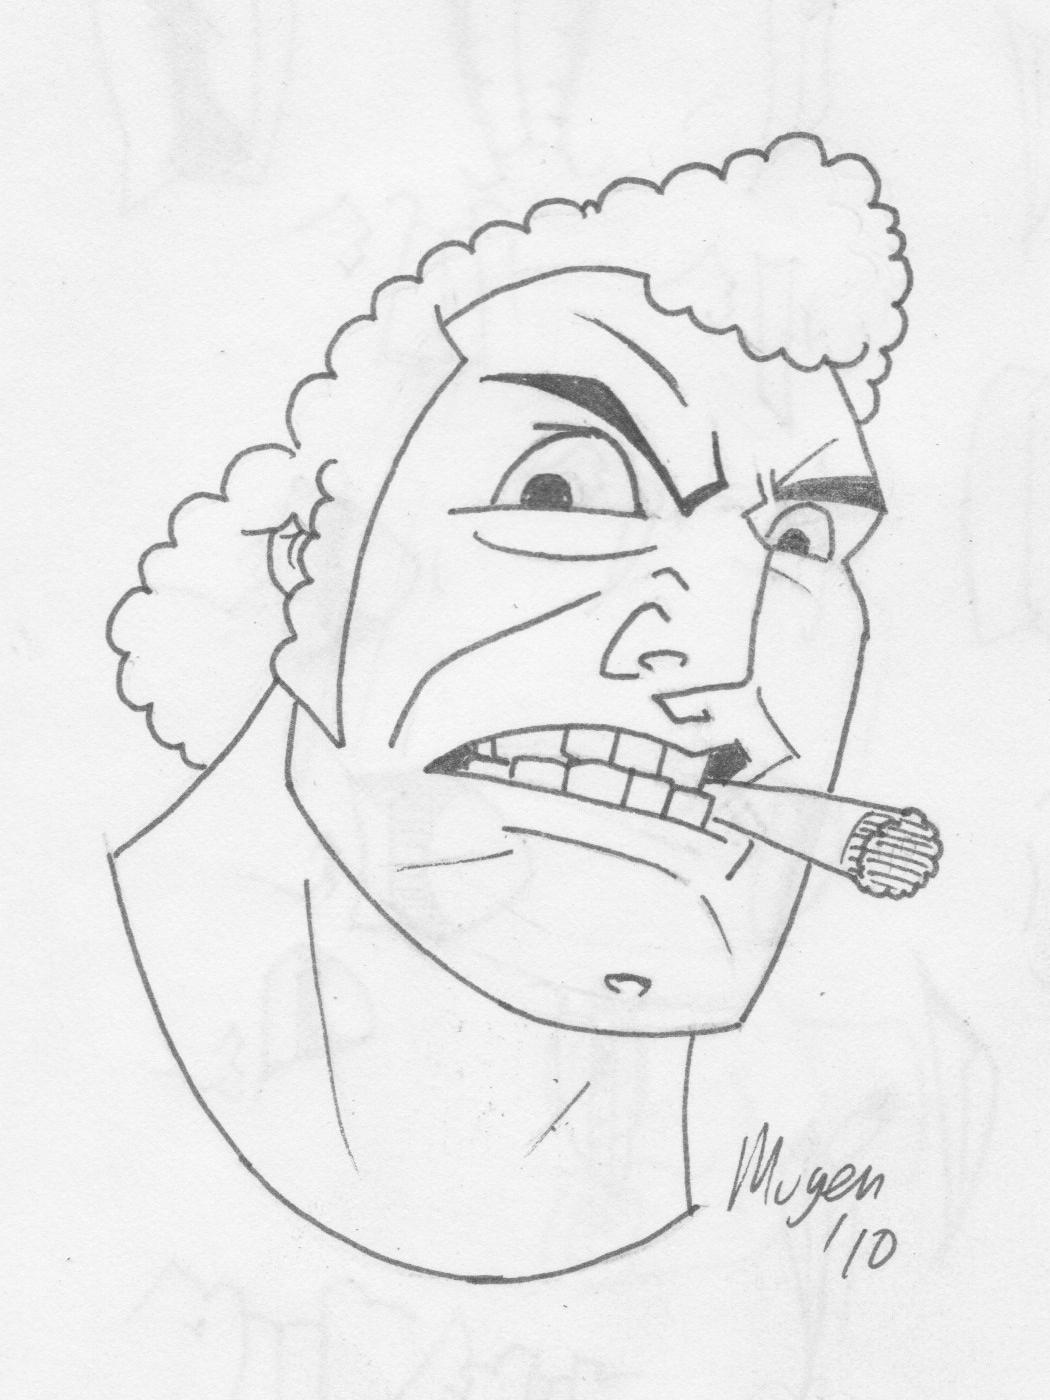 Brock Samsom by Mugey